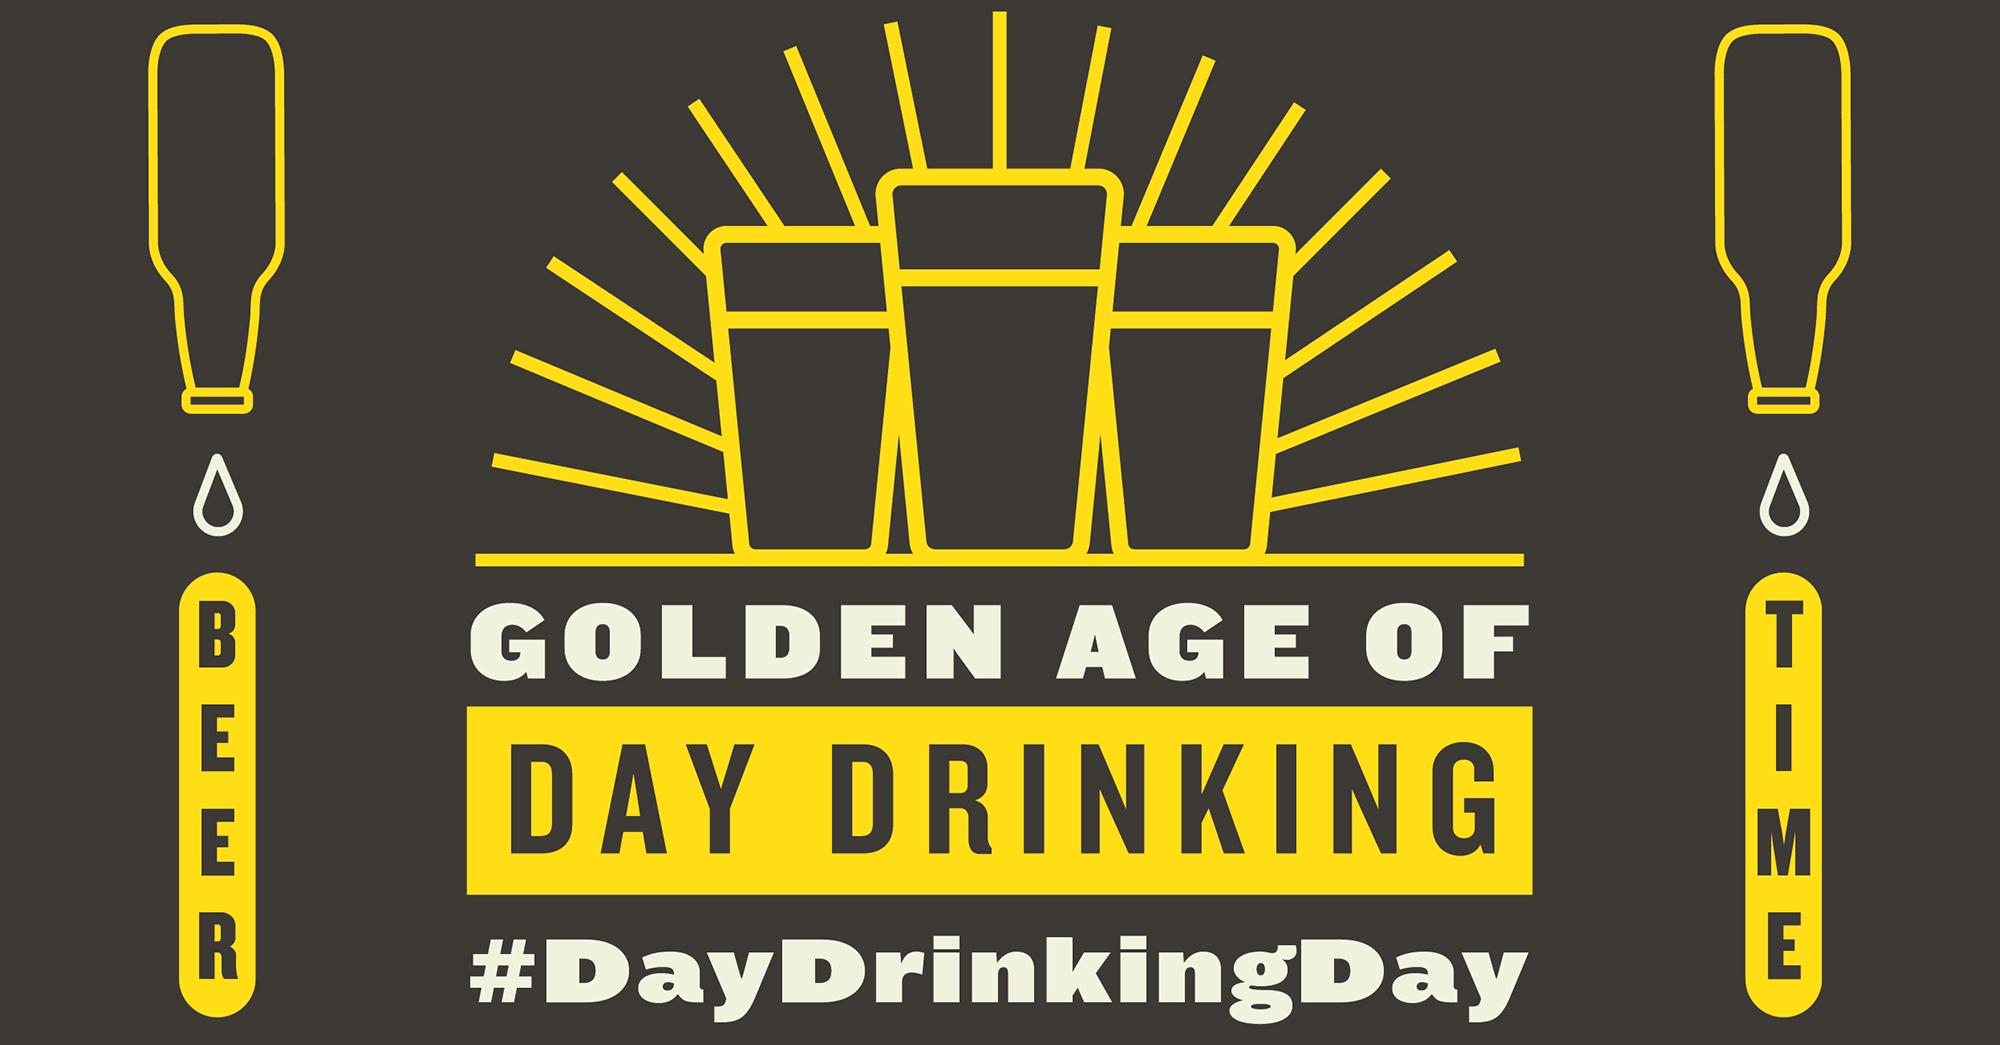 #DayDrinkingDay